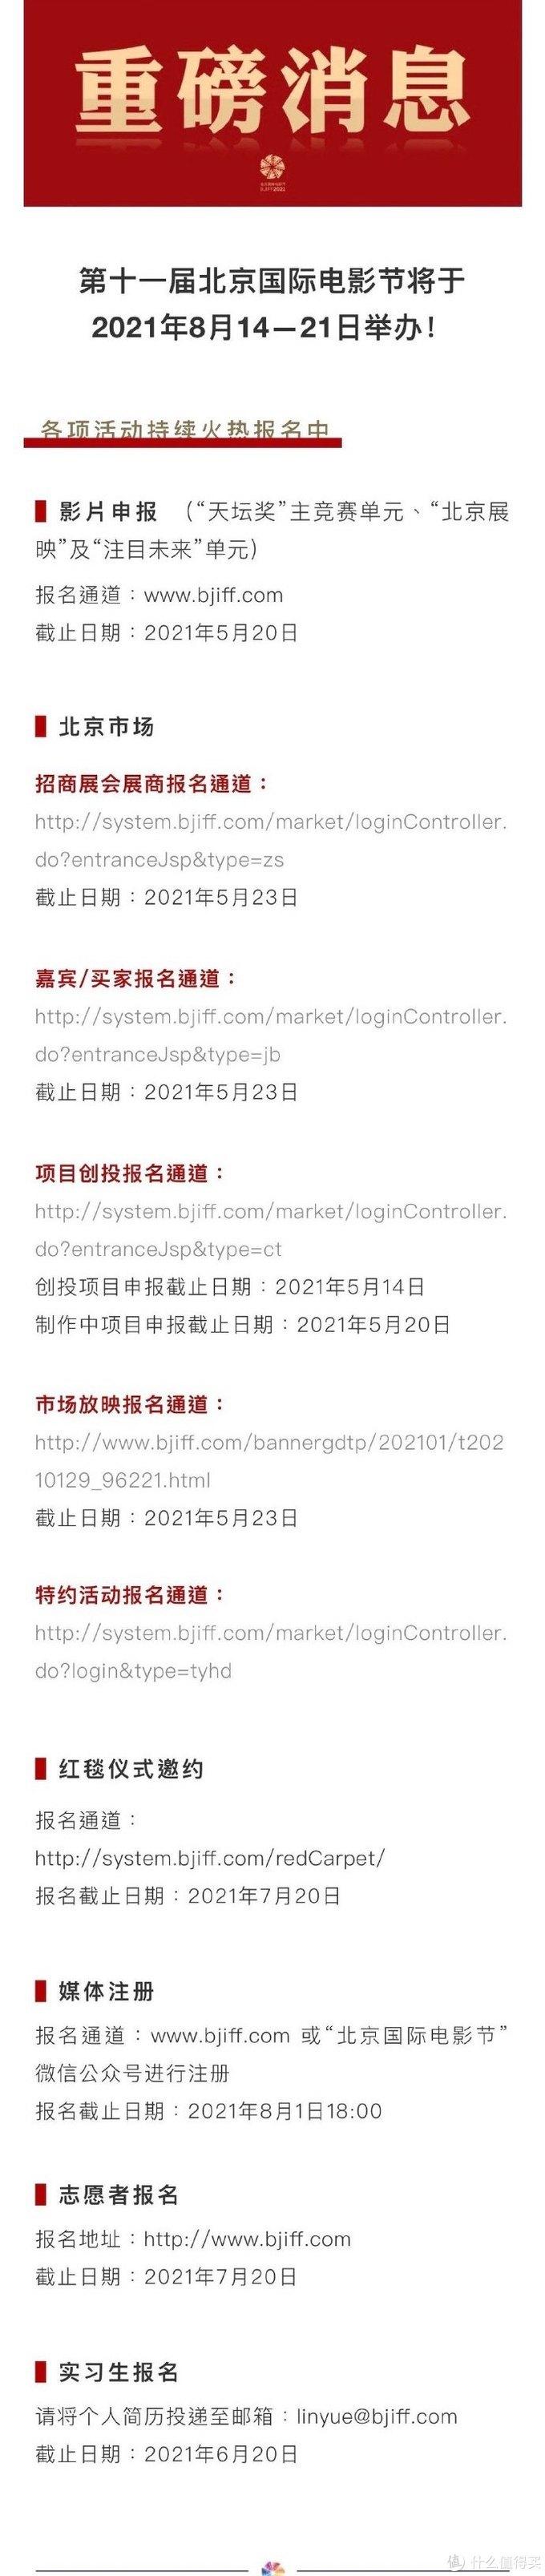 官宣!第十一届北京国际电影节将于8月14日至21日举行